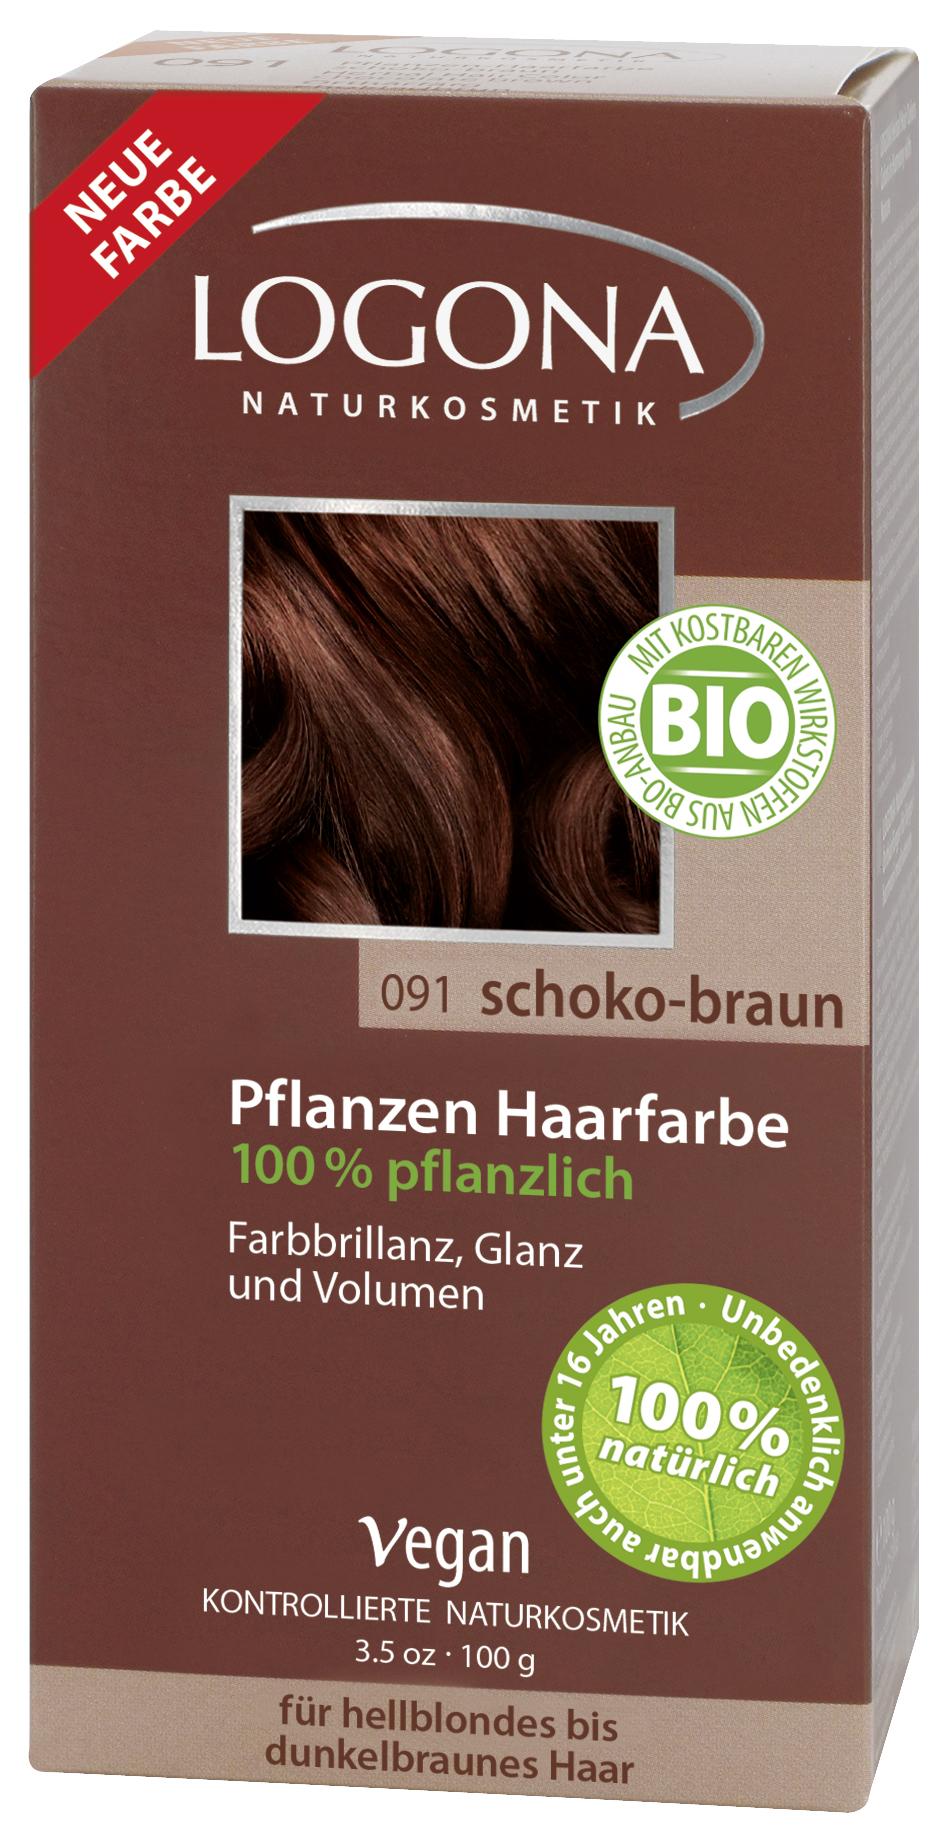 Logona растительная краска для волос 091 «Шоколадно-коричневый»01112Оттенок «Шоколадно-коричневый» подходит для волос от светлых до темно-каштановых. Растительные краски для волос Logona действуют бережно и дают длительный эффект. Состав из хны и других красящих растений, а также веществ растительного происхождения для ухода за волосами естественным образом укрепляют волосы и придают им больше объема и яркости.